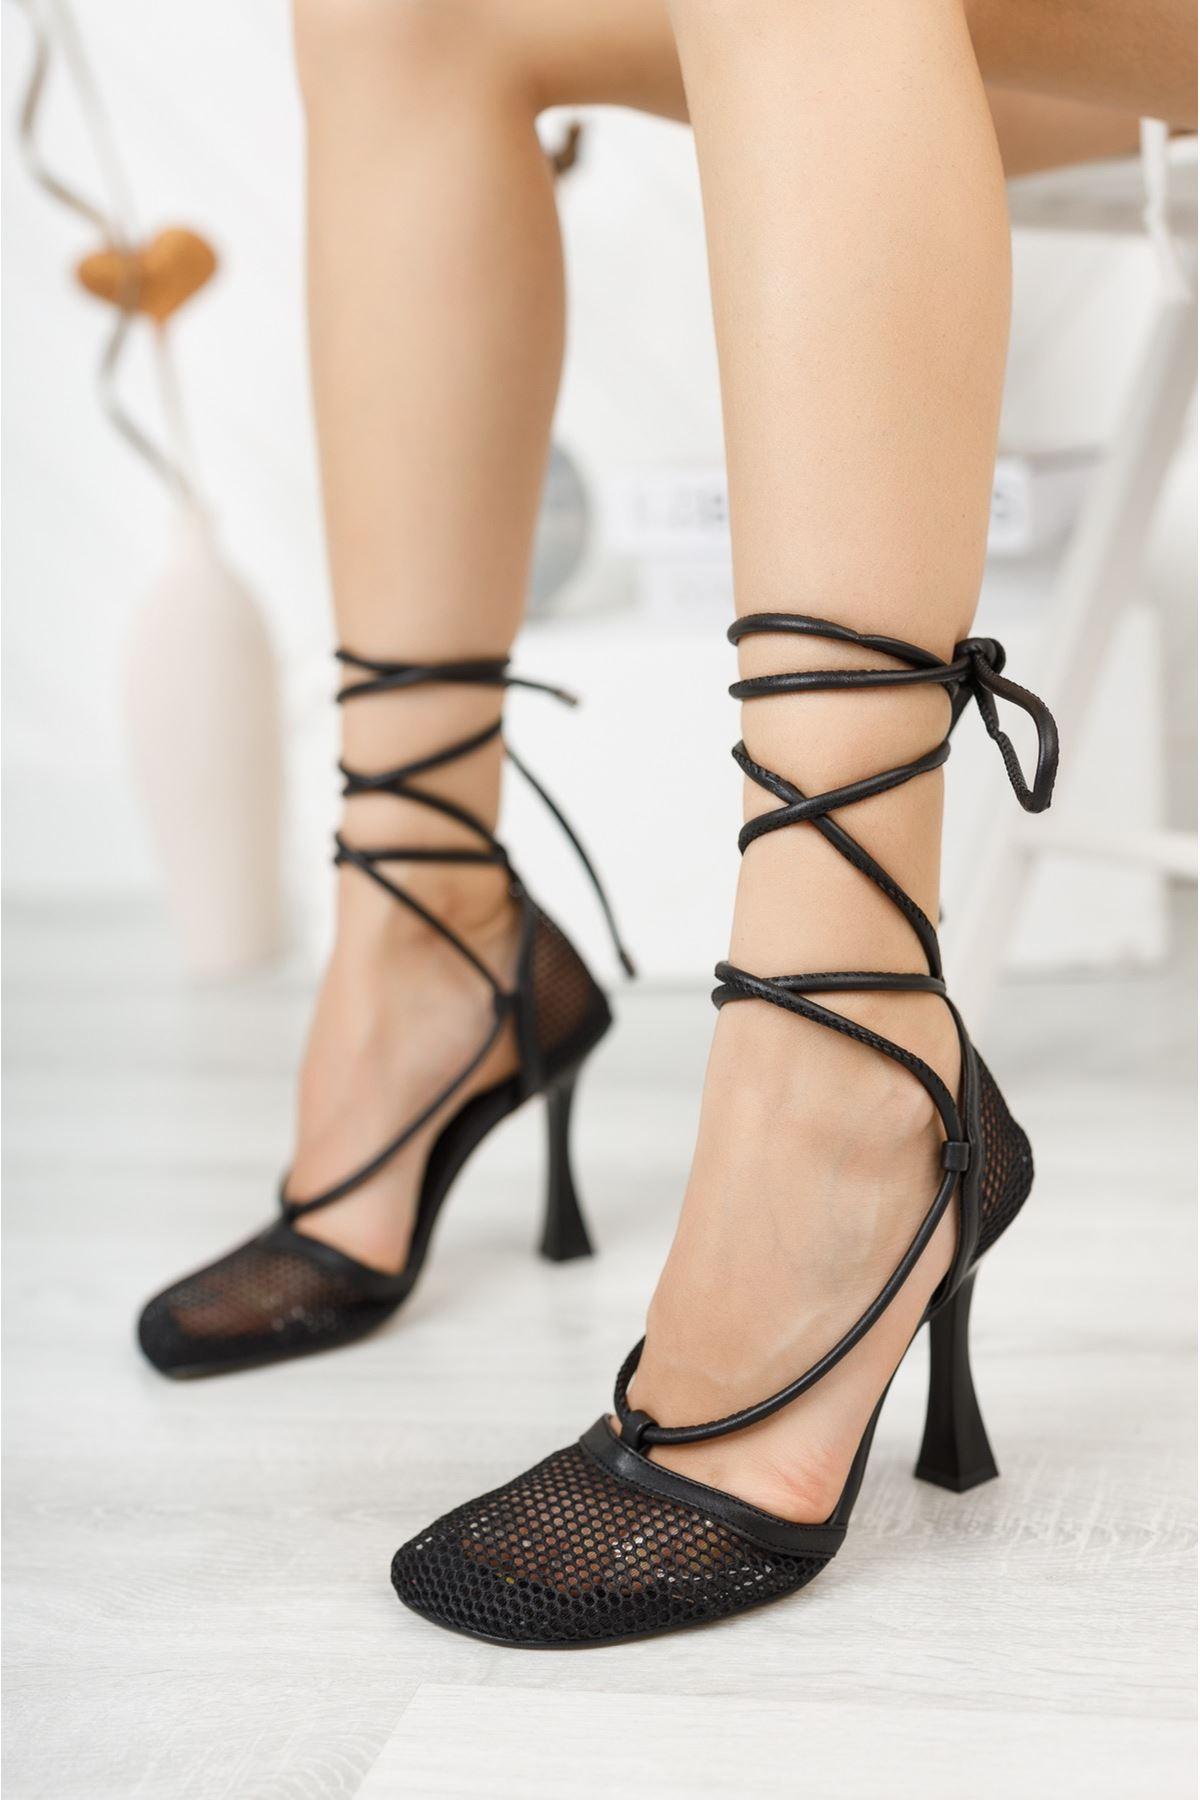 Siyah Fileli Bilekten Bağlamalı Yüksek Topuklu Ayakkabı